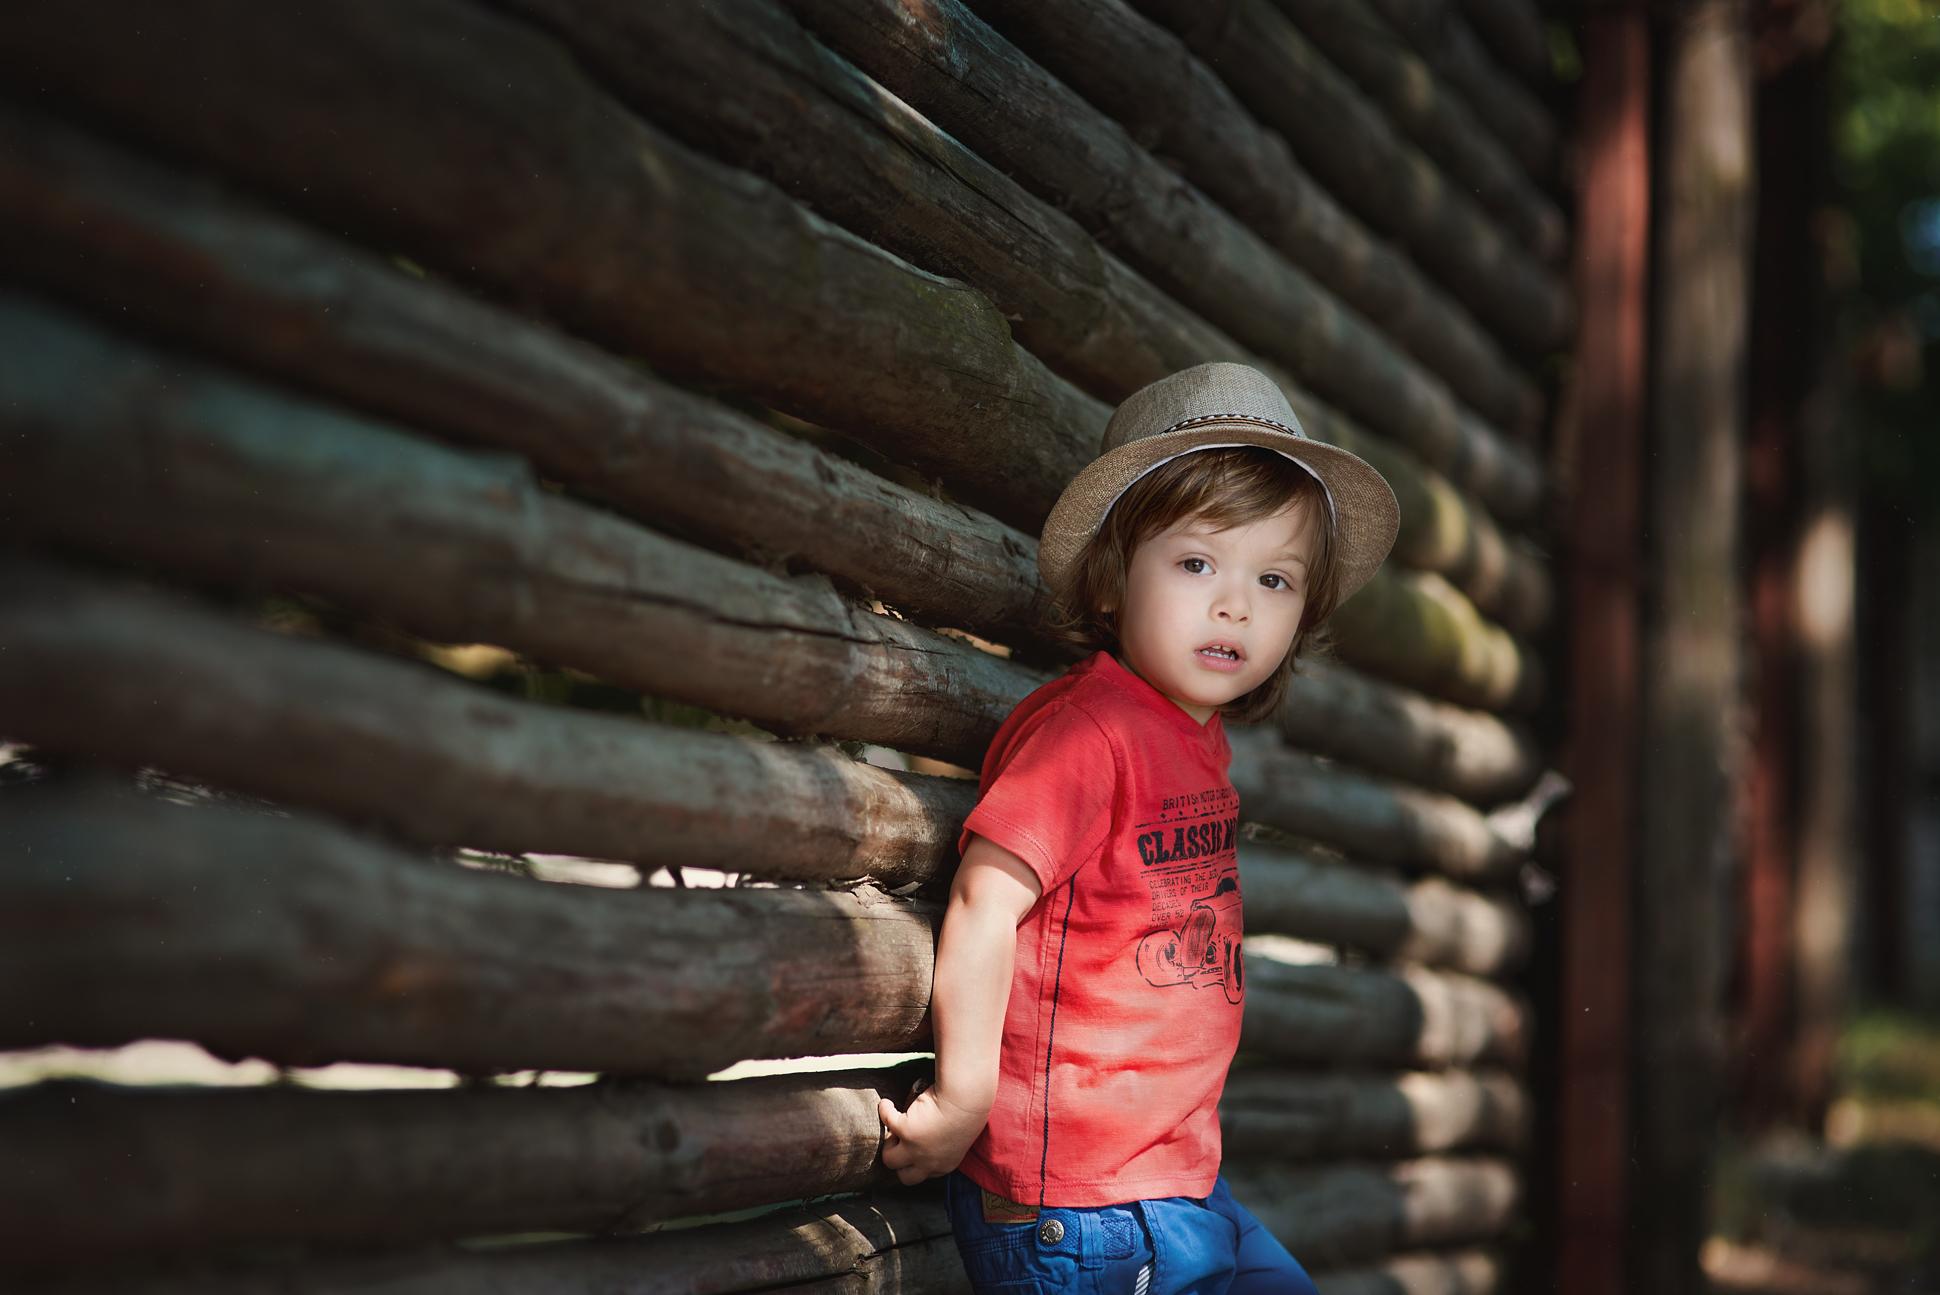 Детска фотосесия - Филип